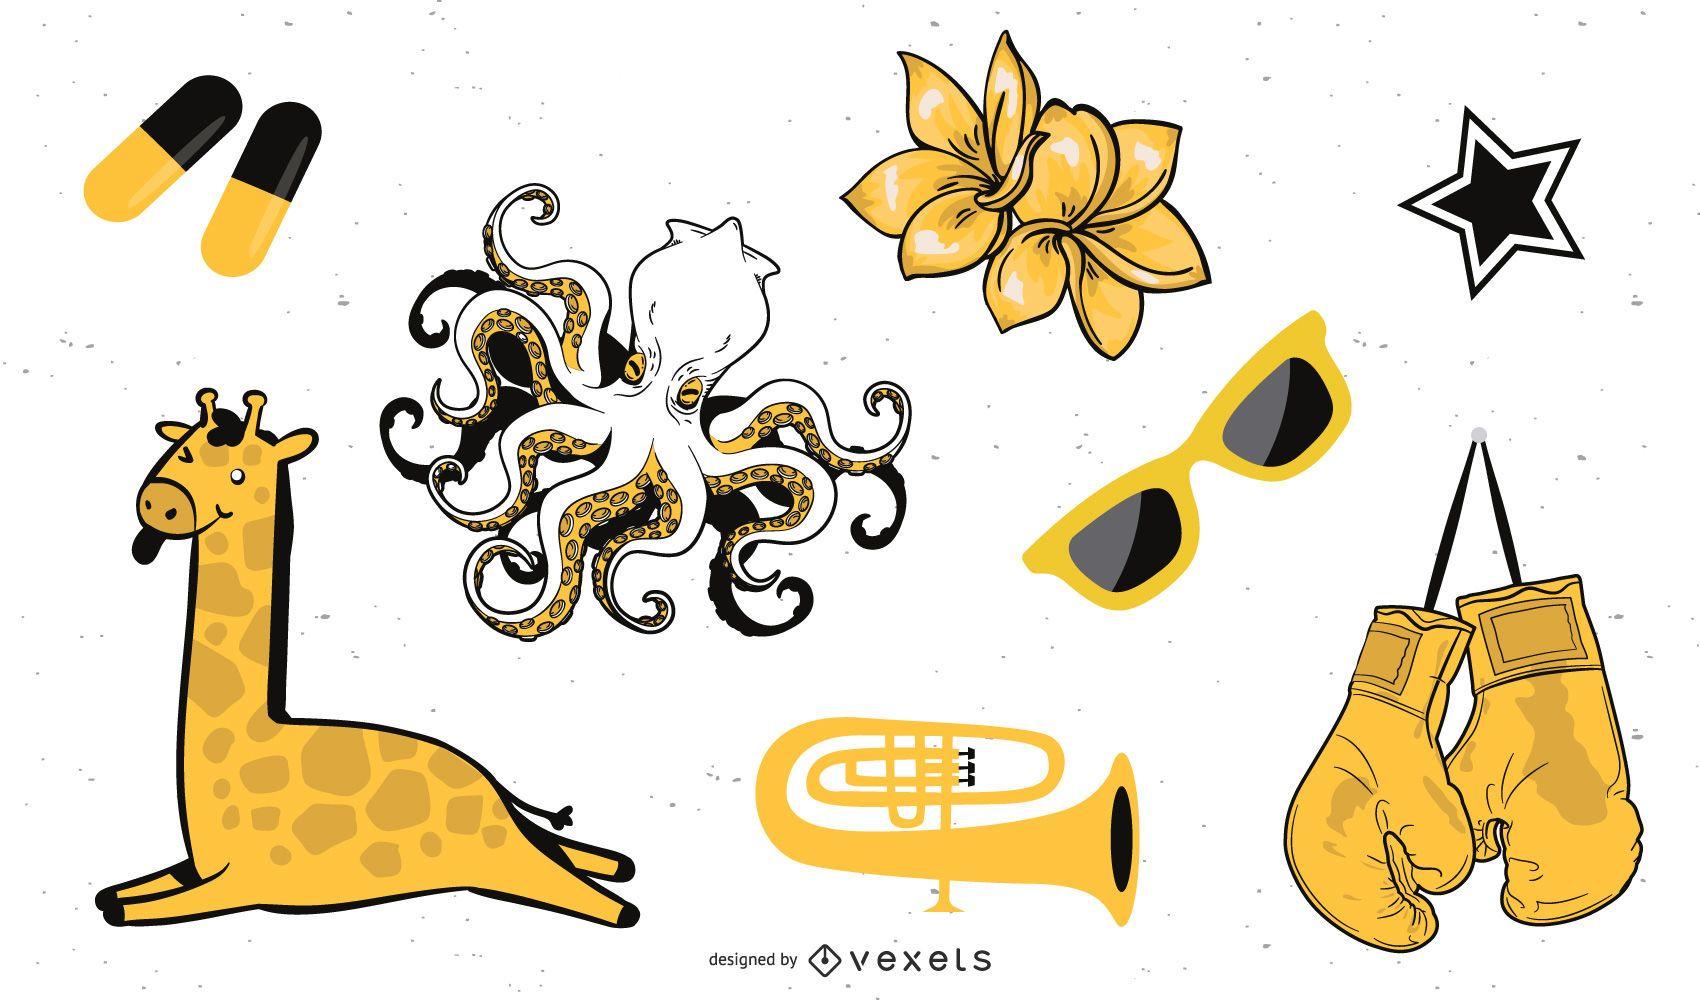 Mixed Black and Yellow Vectors